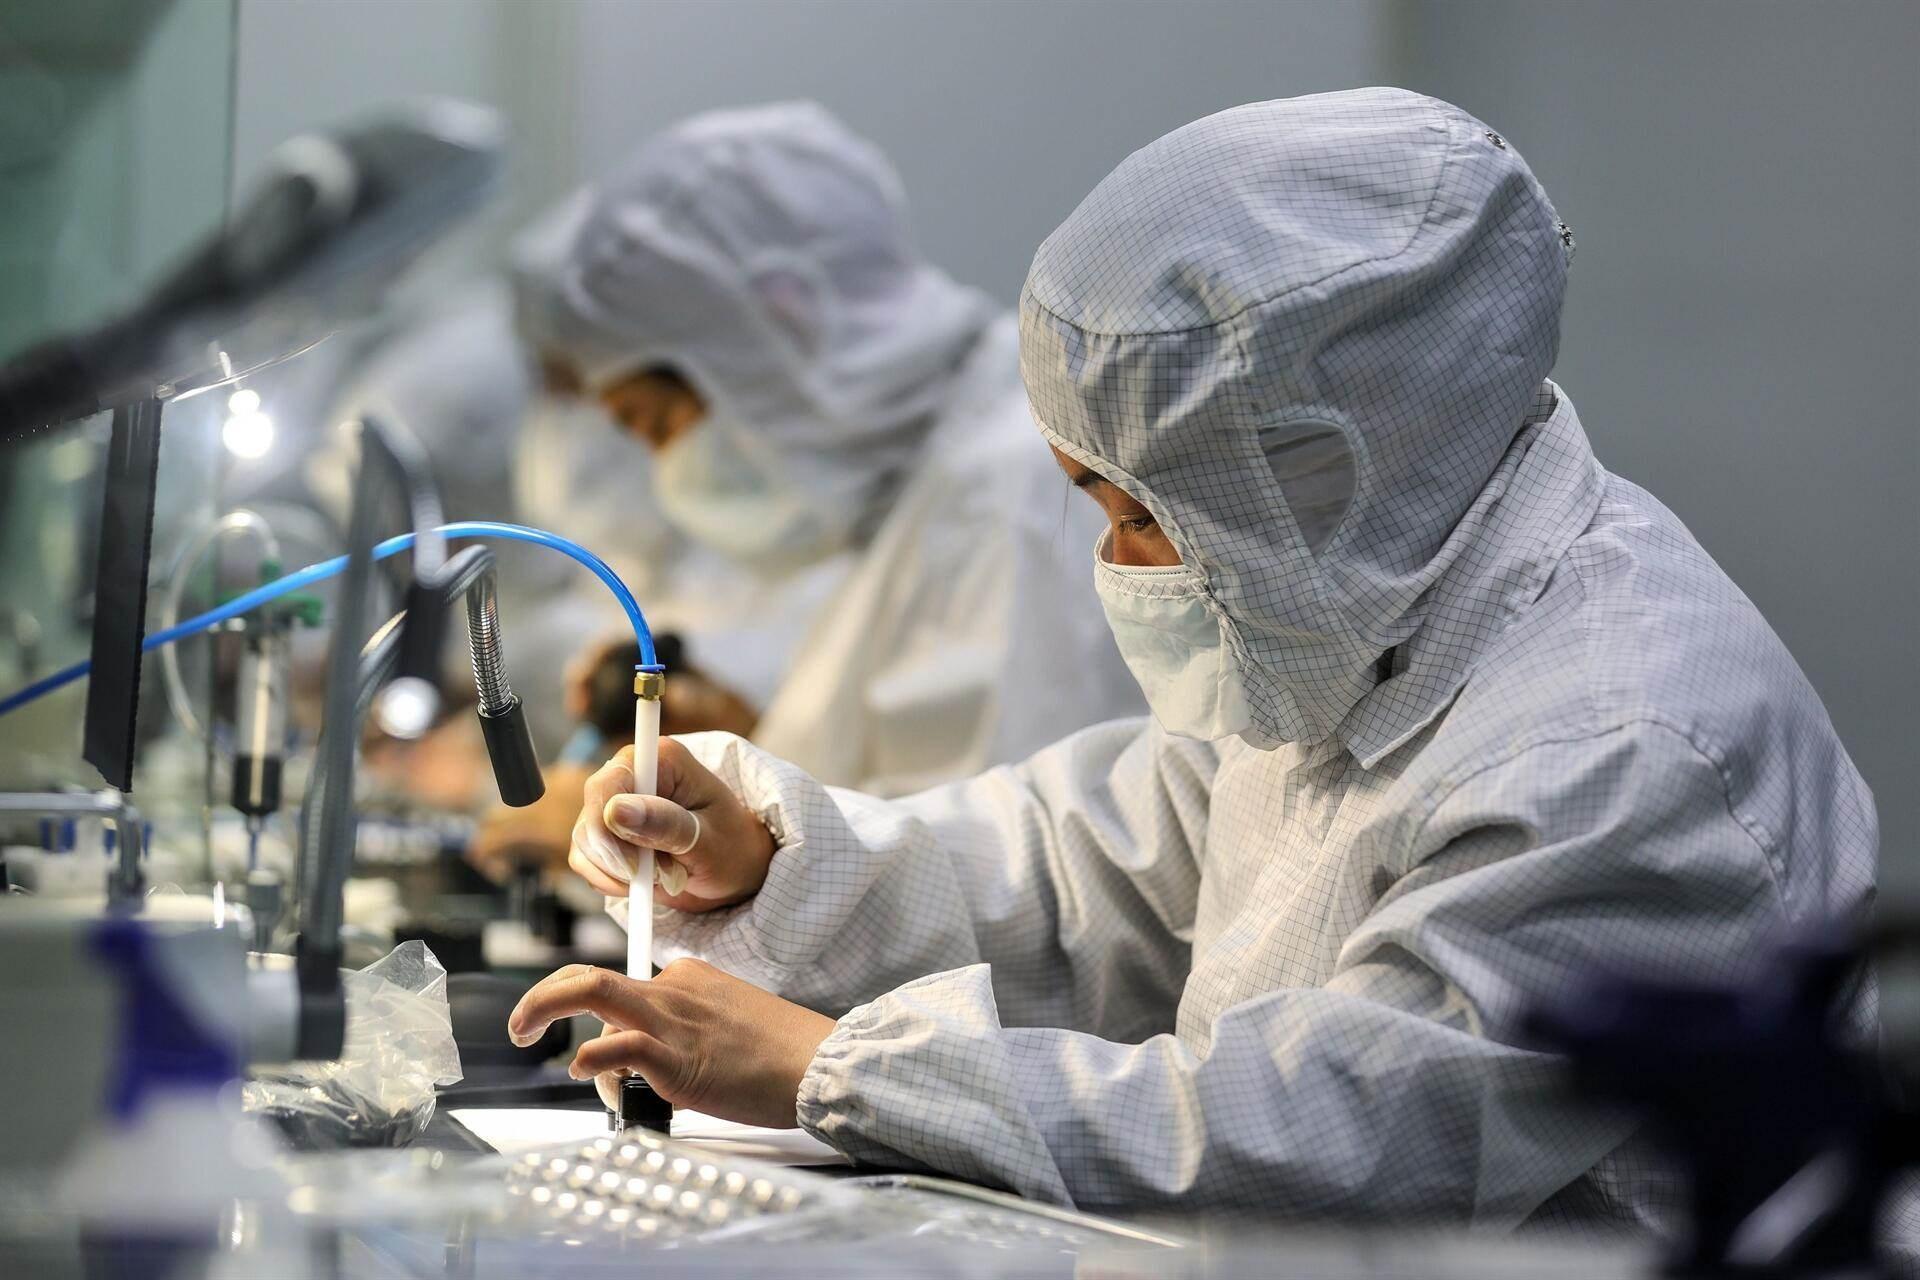 أودى فيروس كورونا المستجد بما لا يقل عن 550 ألف شخص في العالم